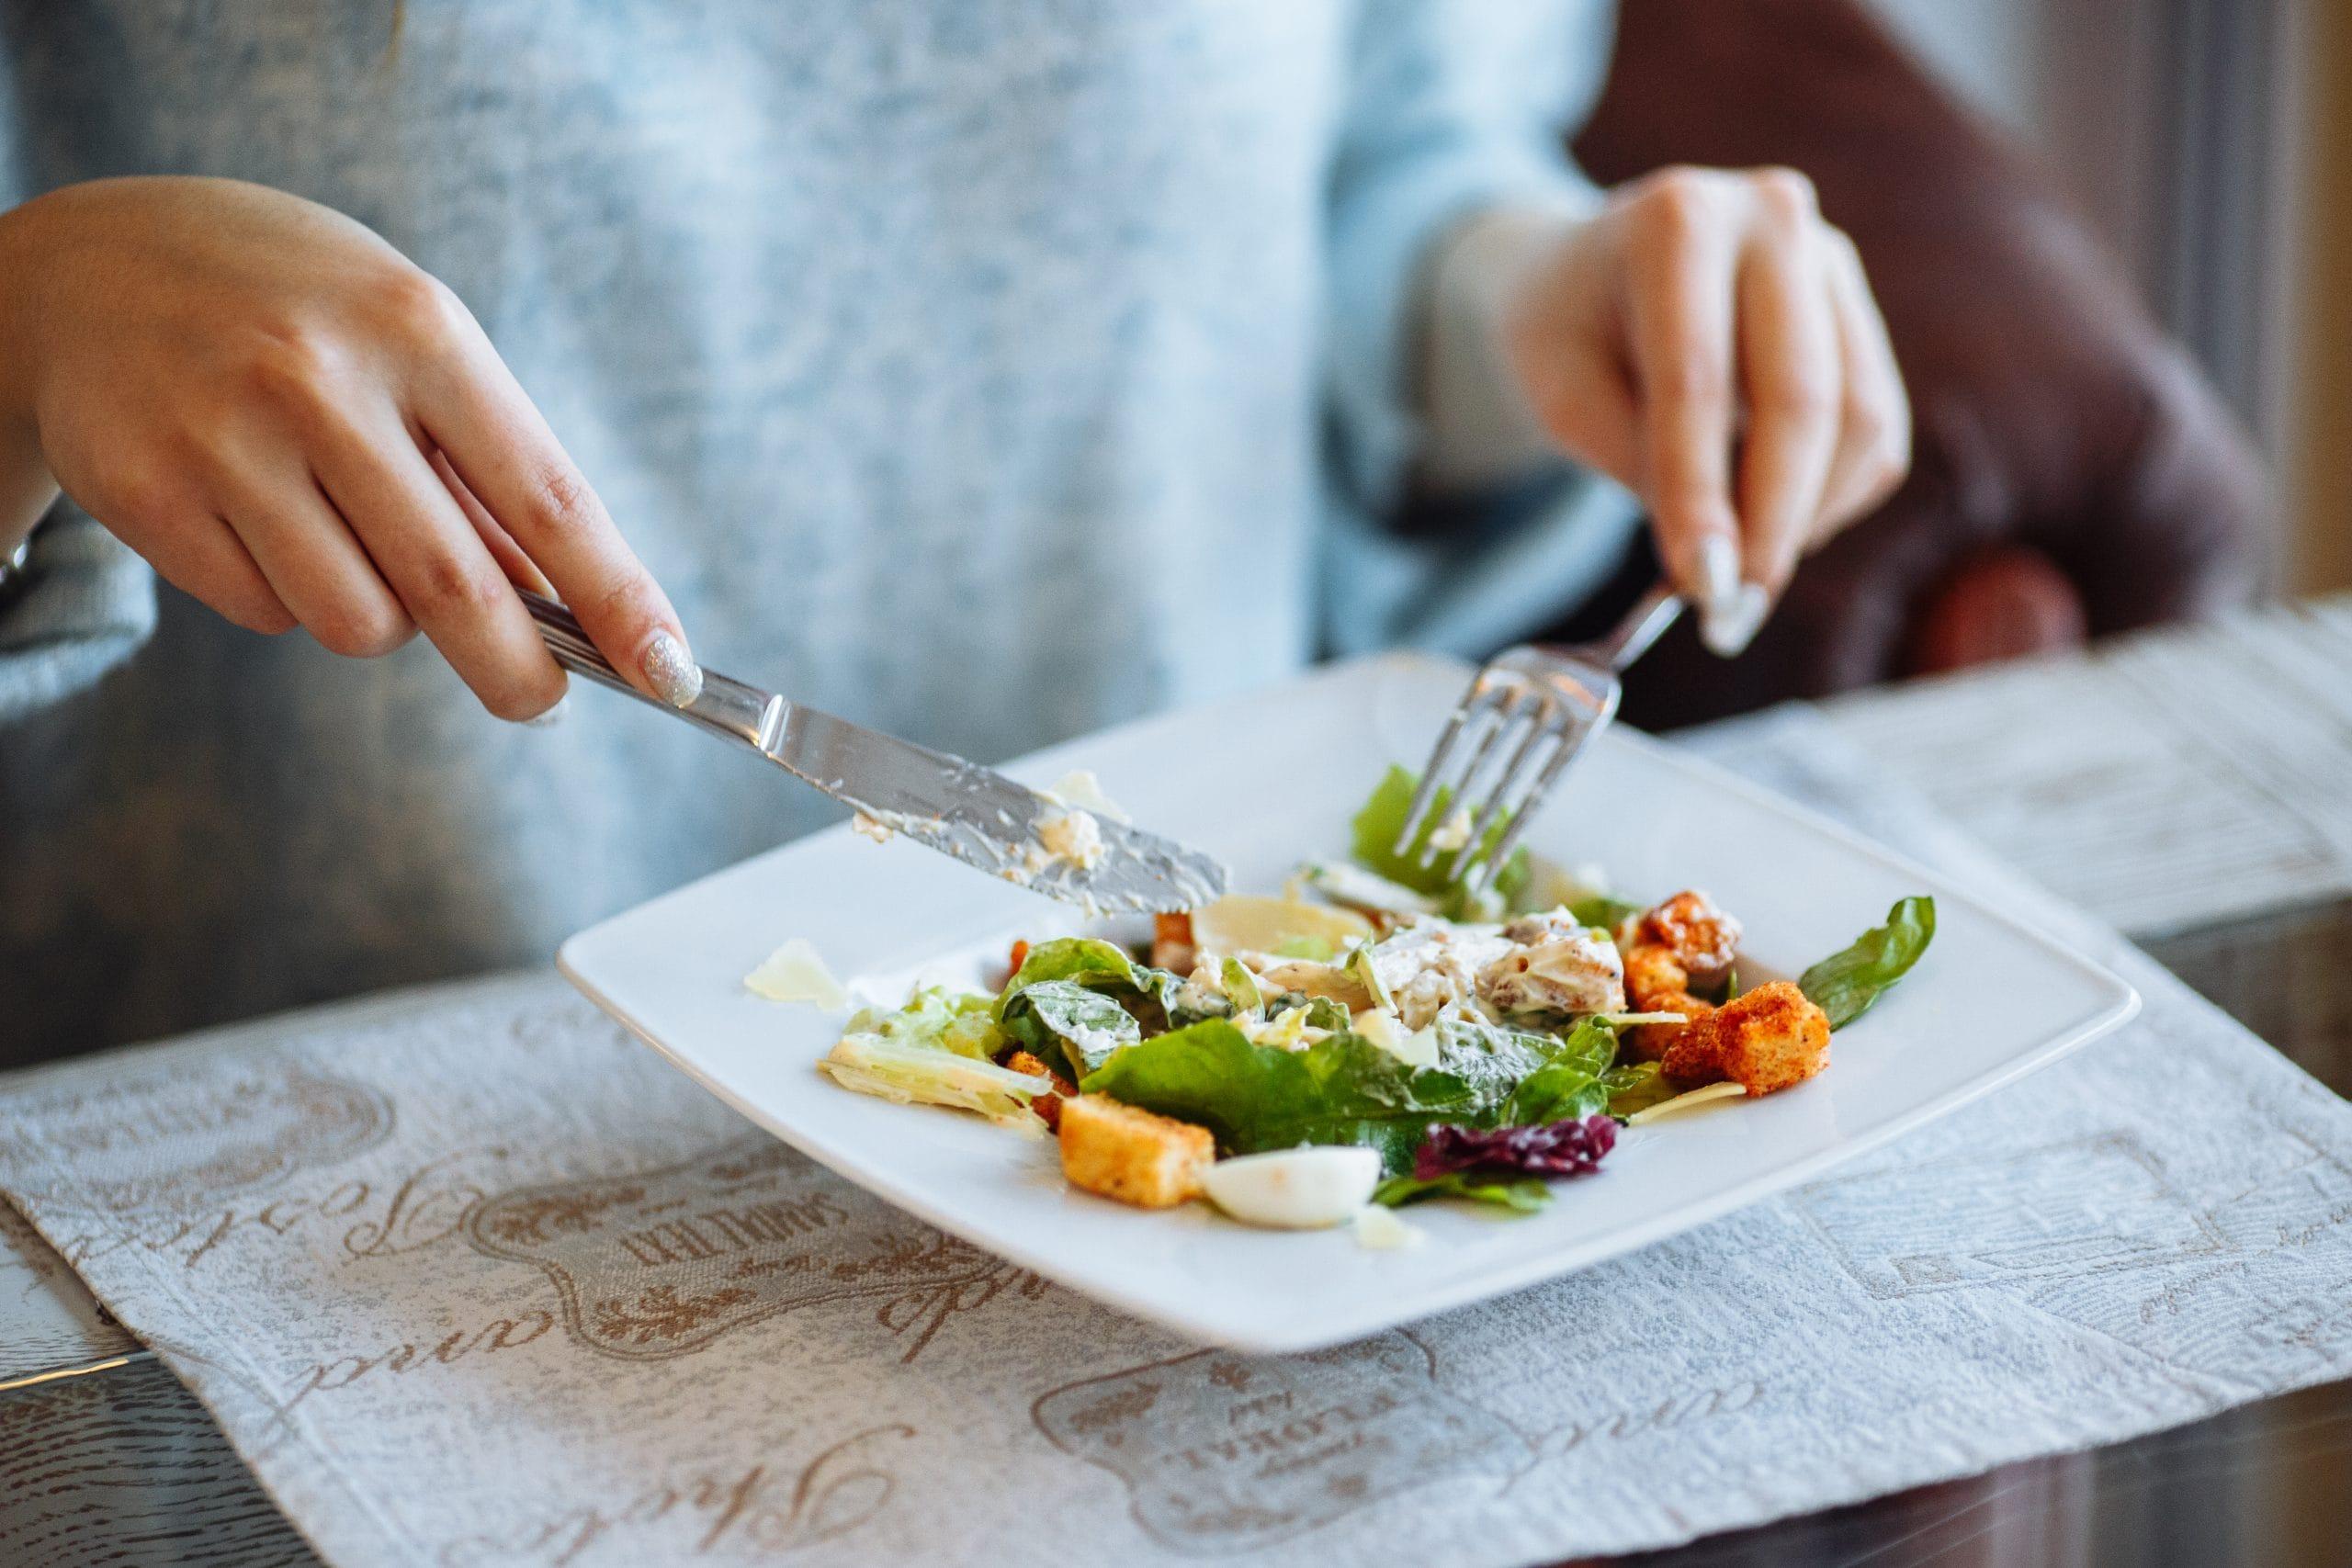 Mit Abschluss der Ausbildung Ernährungsberater Diolosa & Morell haben  Sie alle Tools erlernt, um sich selbst gesund zu halten und andere Menschen in Ernährungsfragen zu beraten